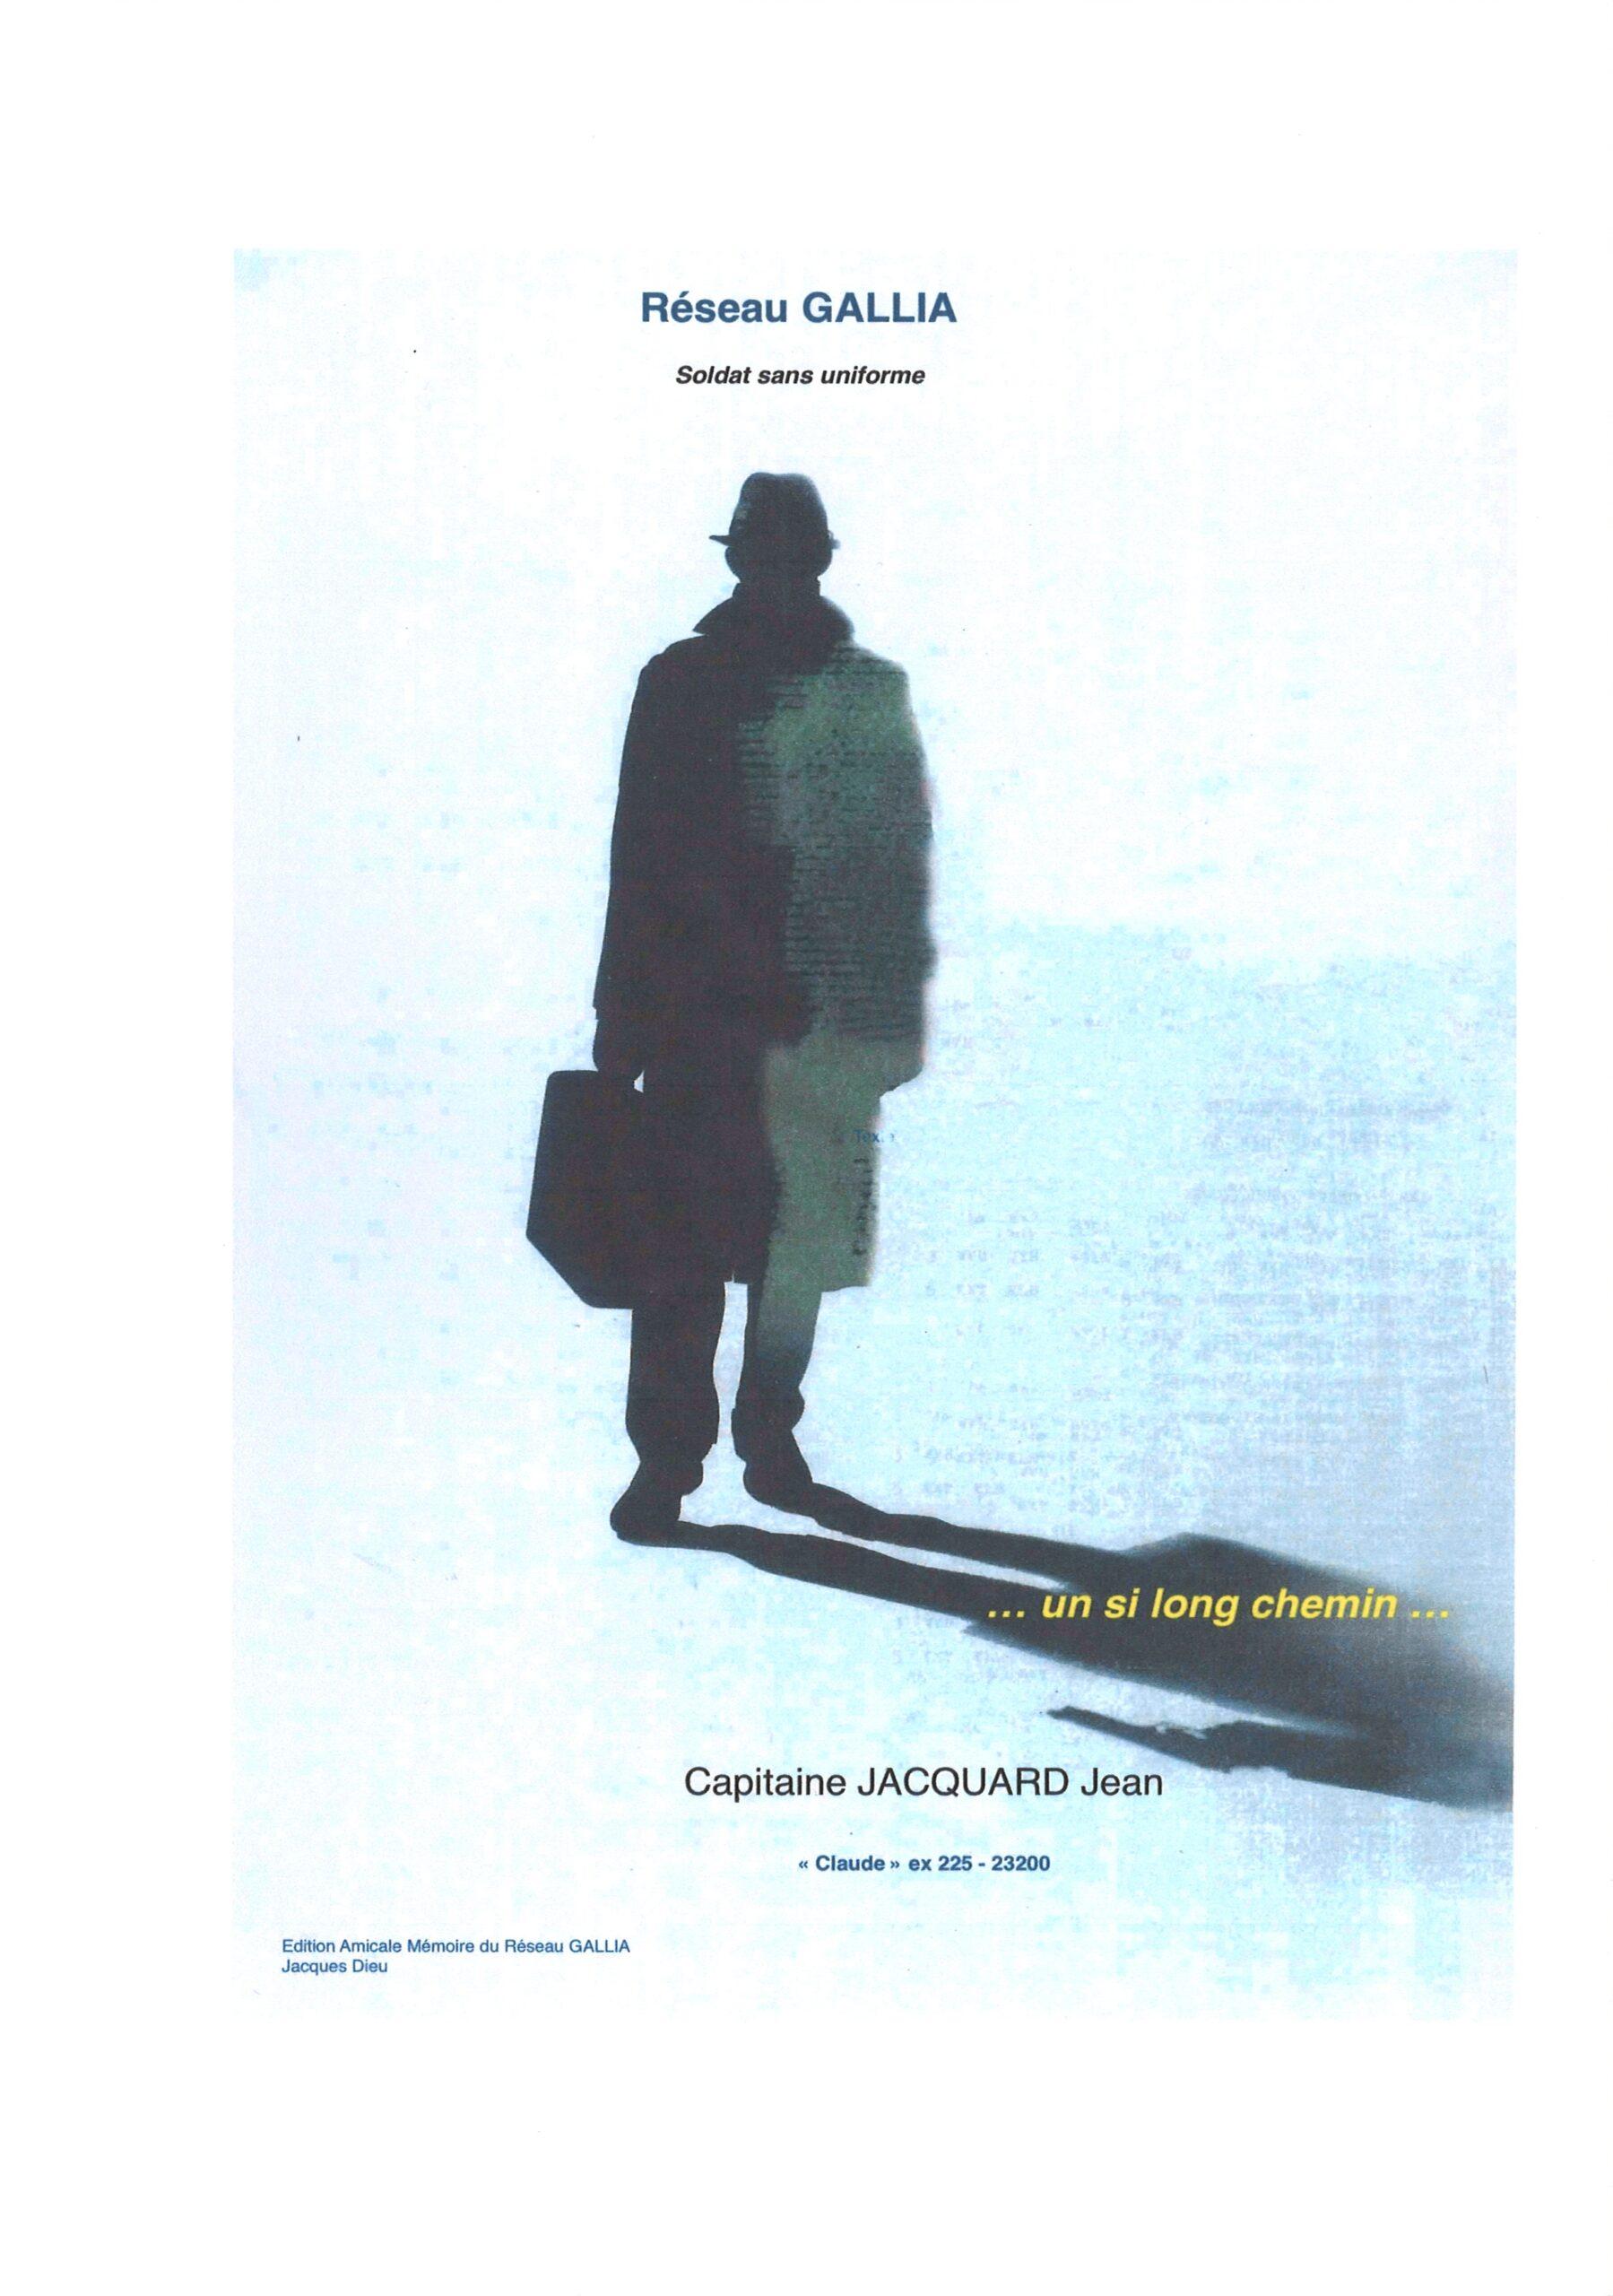 Amicale Mémoire du Réseau Gallia, n° 48 (périodique)